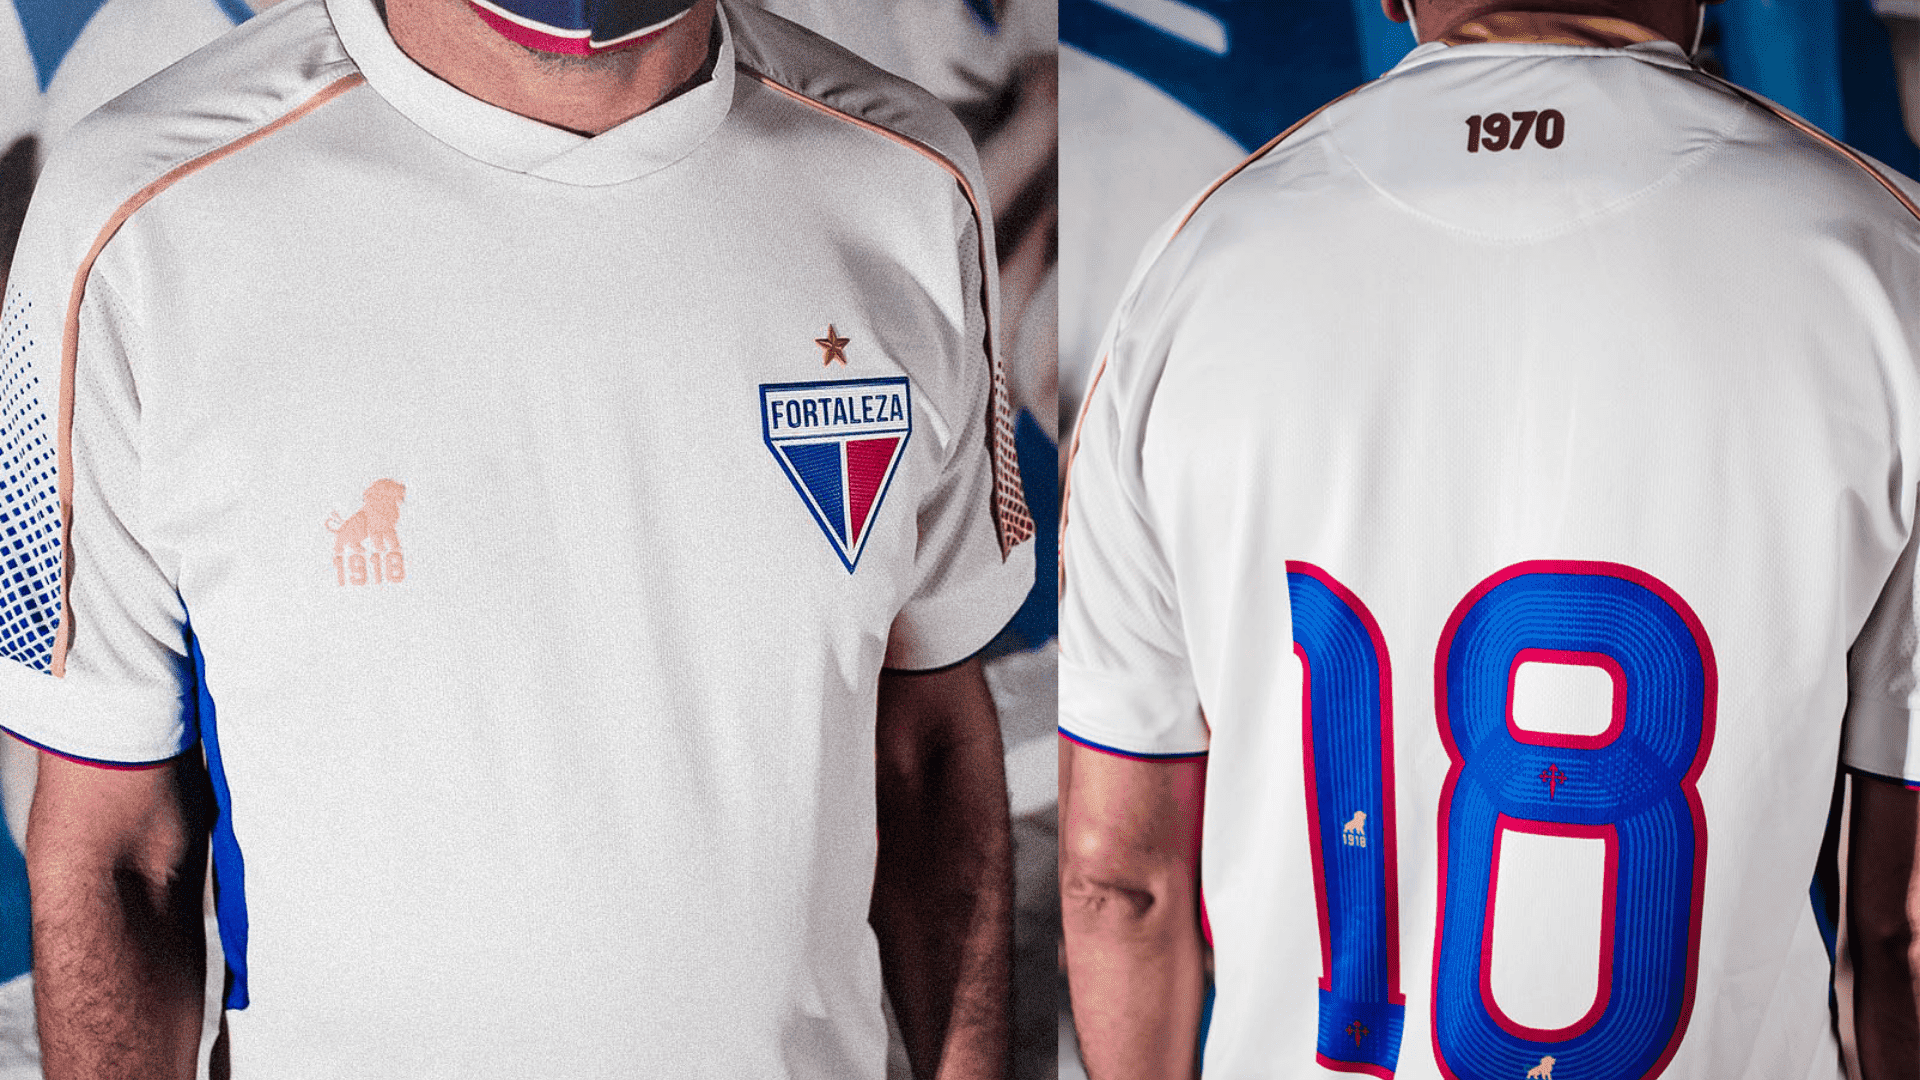 Camisa do Fortaleza 2021 Leão 1918 Jogo 2 (Imagem: Divulgação/Leão 1918)